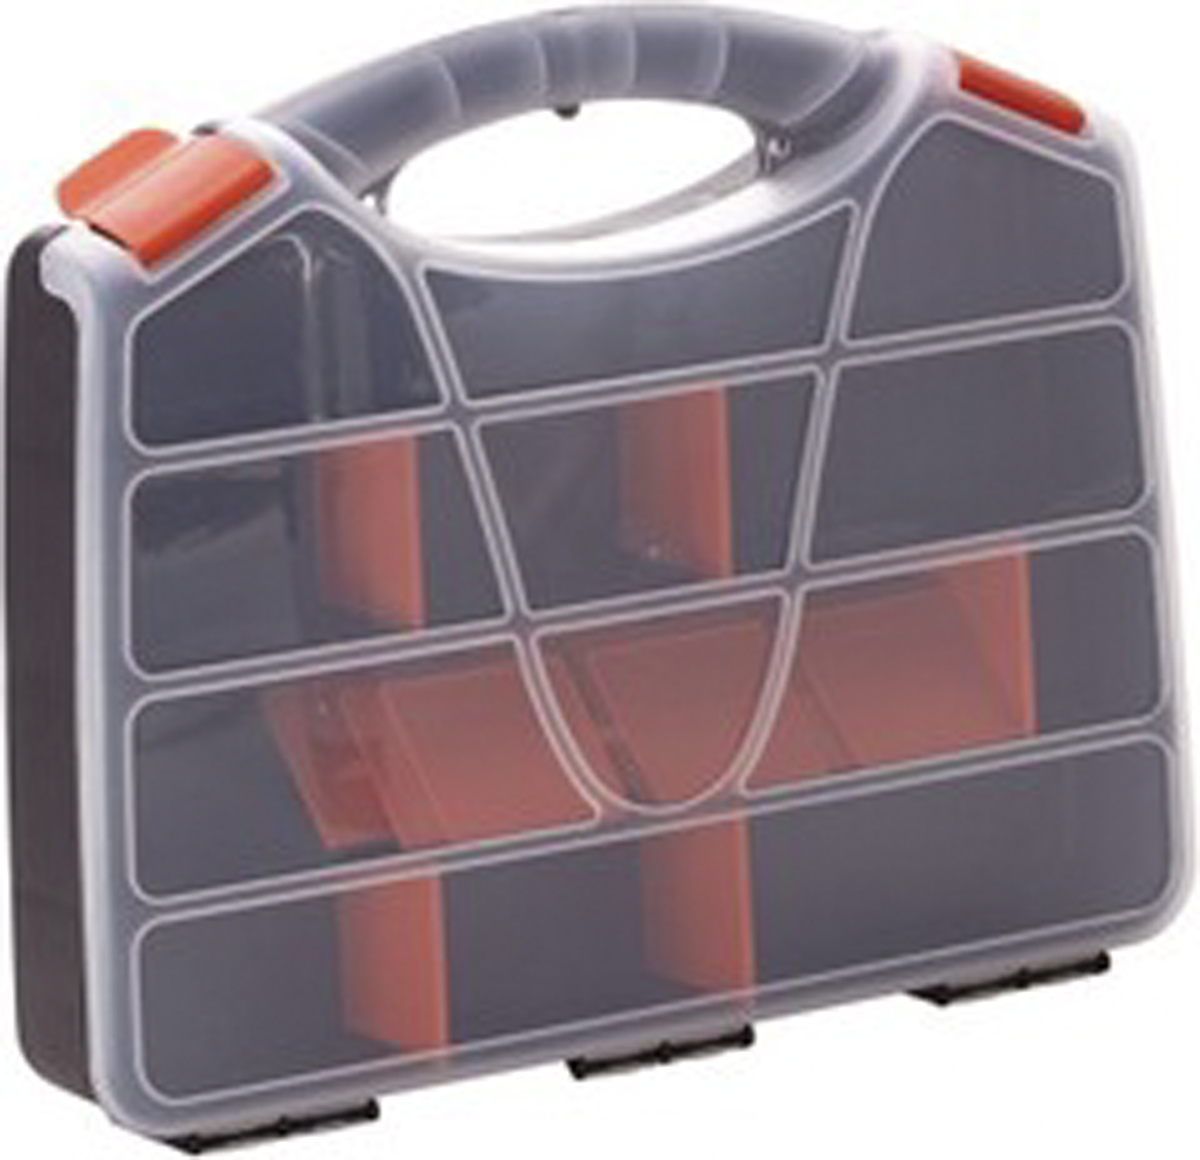 Органайзер для инструментов Blocker Profi, цвет: серый, оранжевый, 38 х 31 х 6,5 см органайзер blocker hobby box цвет салатовый черный 29 5 х 18 х 9 см